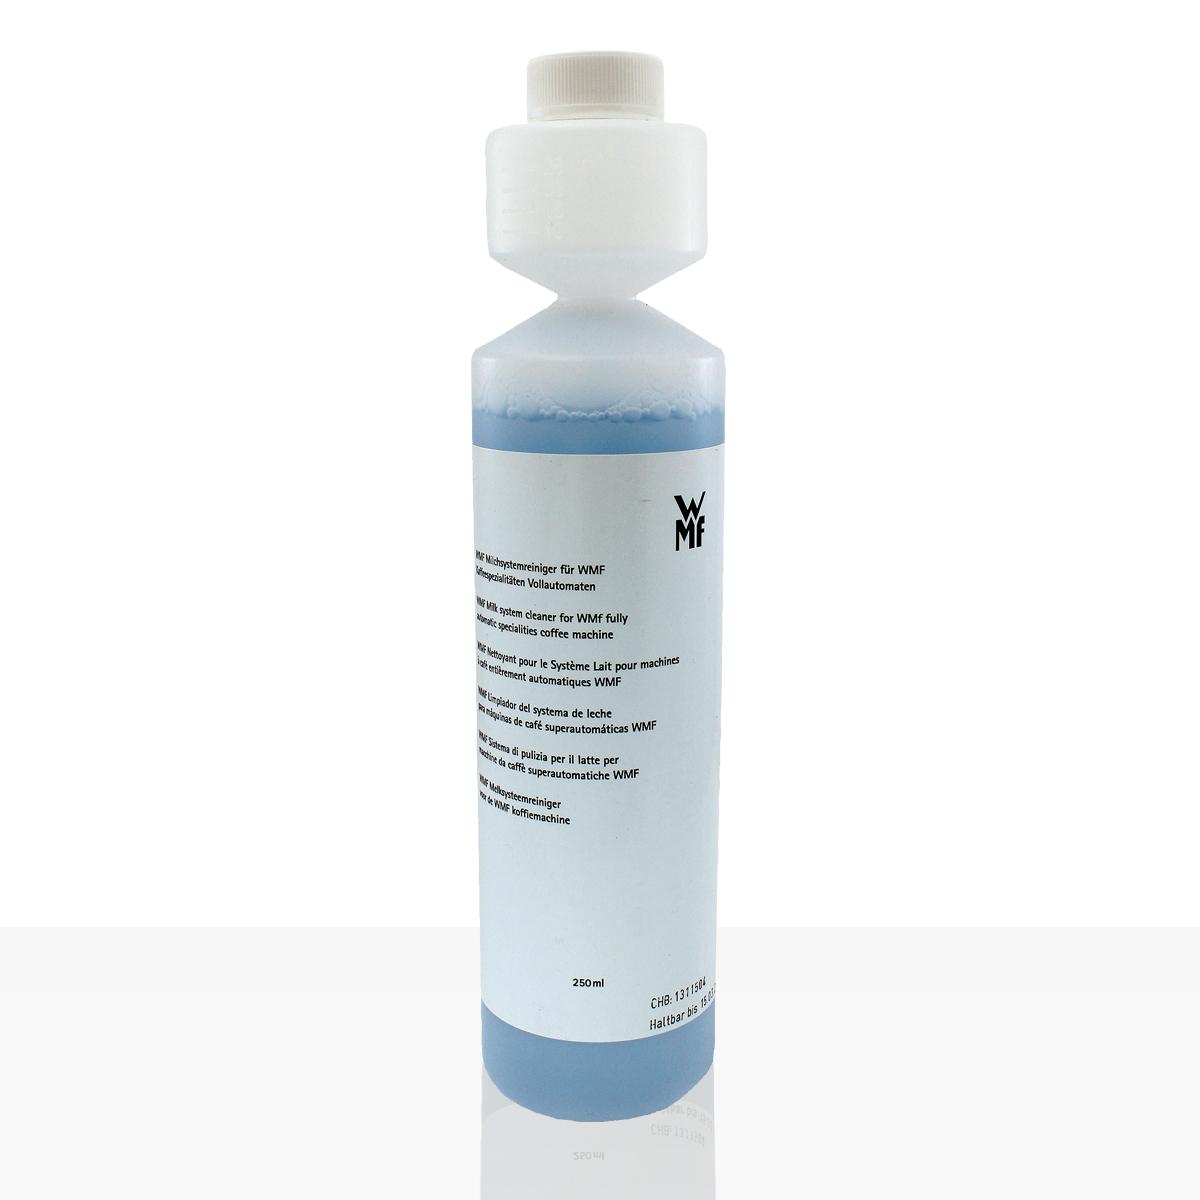 WMF Spezial Milchschaumreiniger 250ml Reiniger